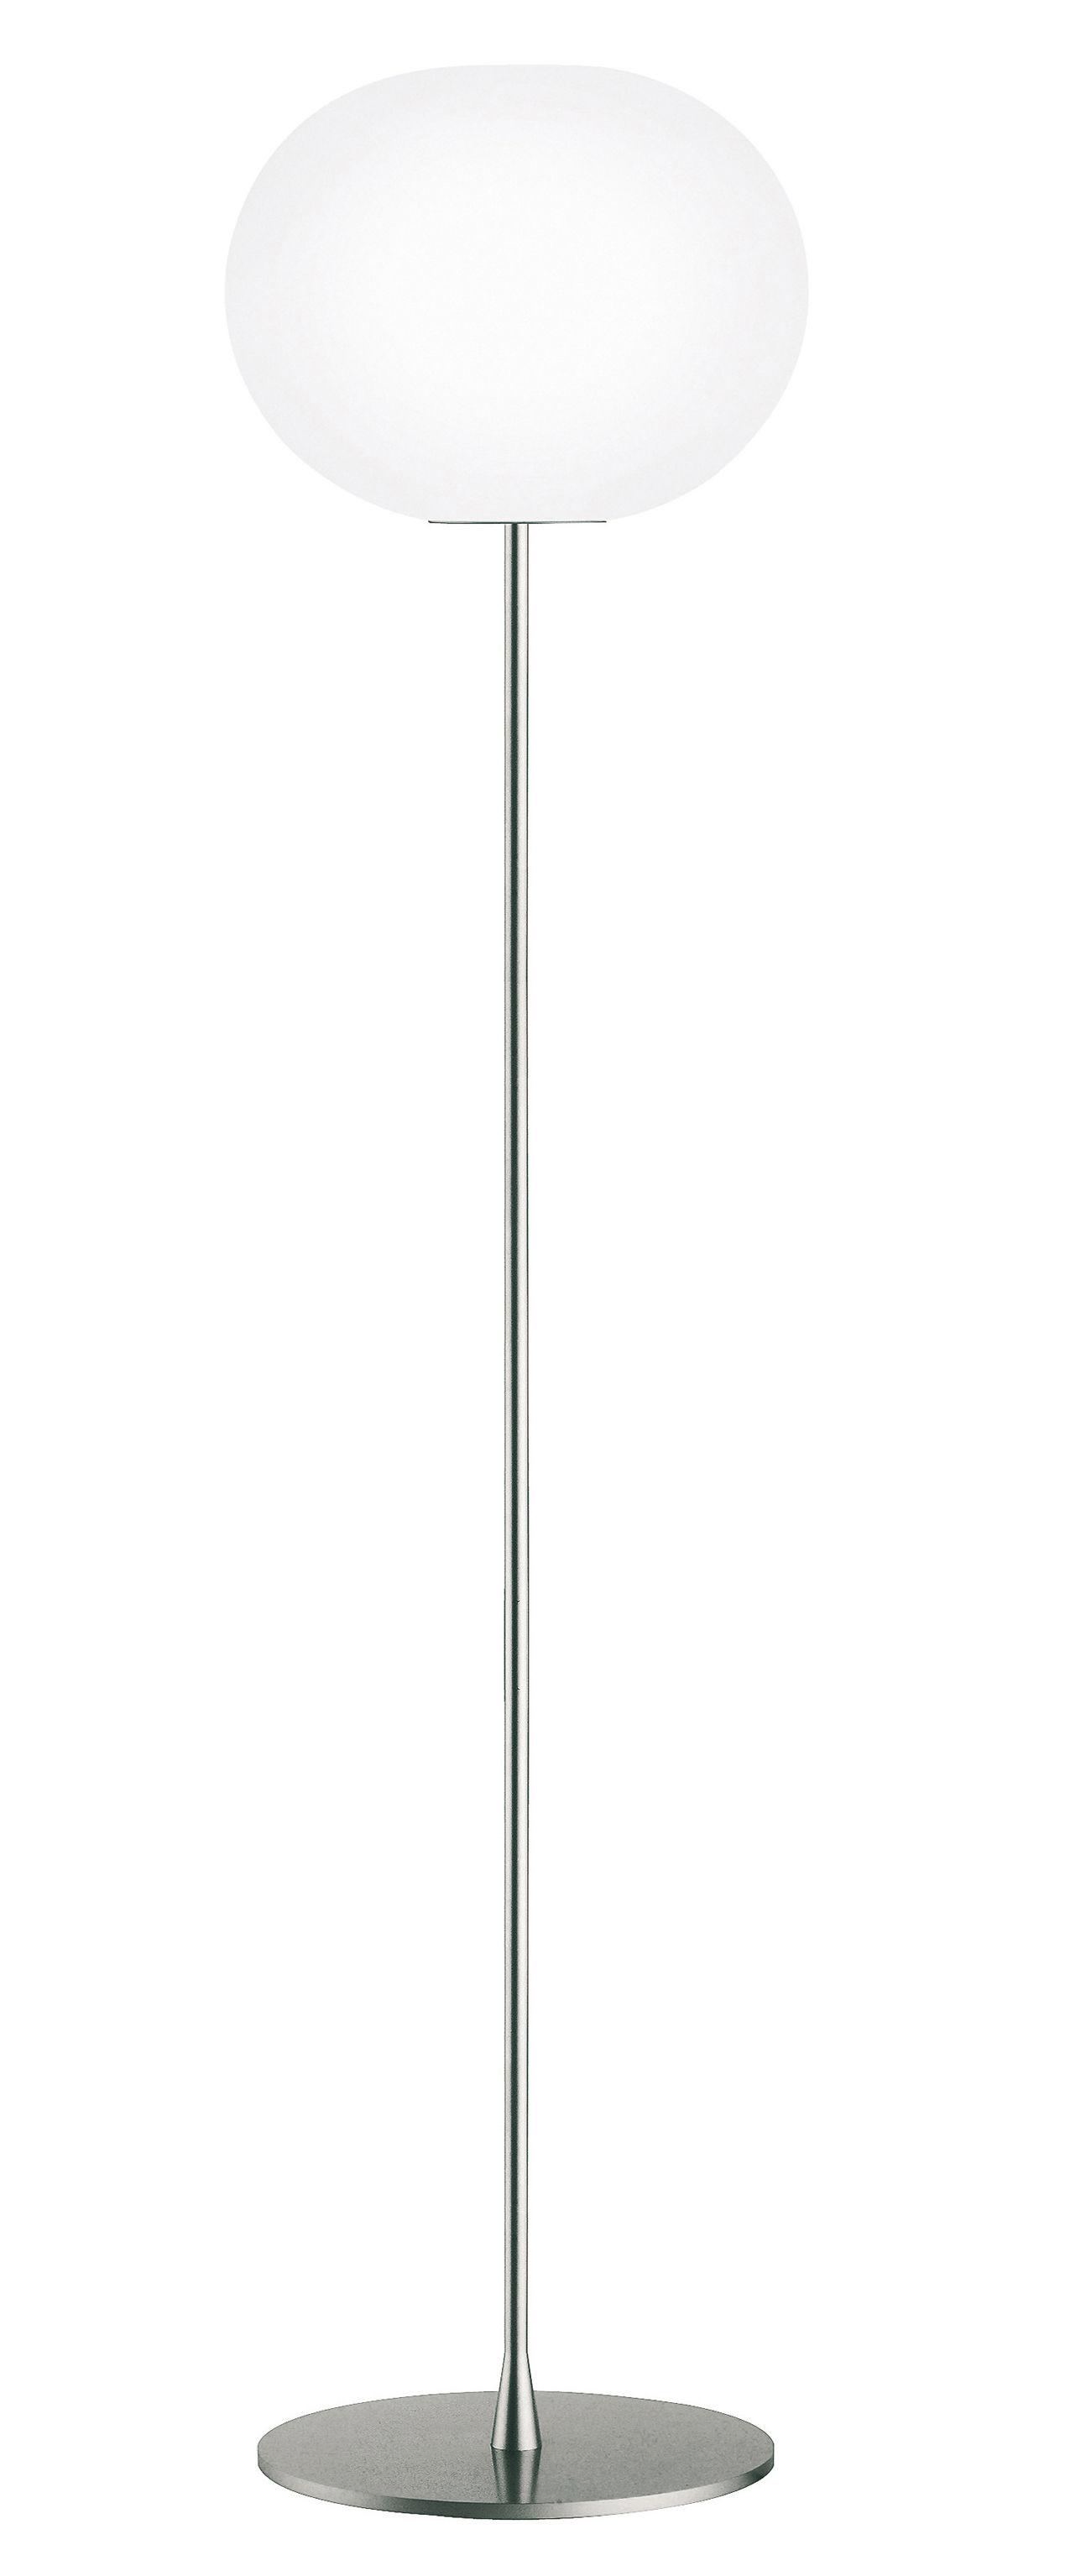 Illuminazione - Lampade da terra - Lampada a stelo Glo-Ball F3 di Flos - Grigio metallizzato - Vetro